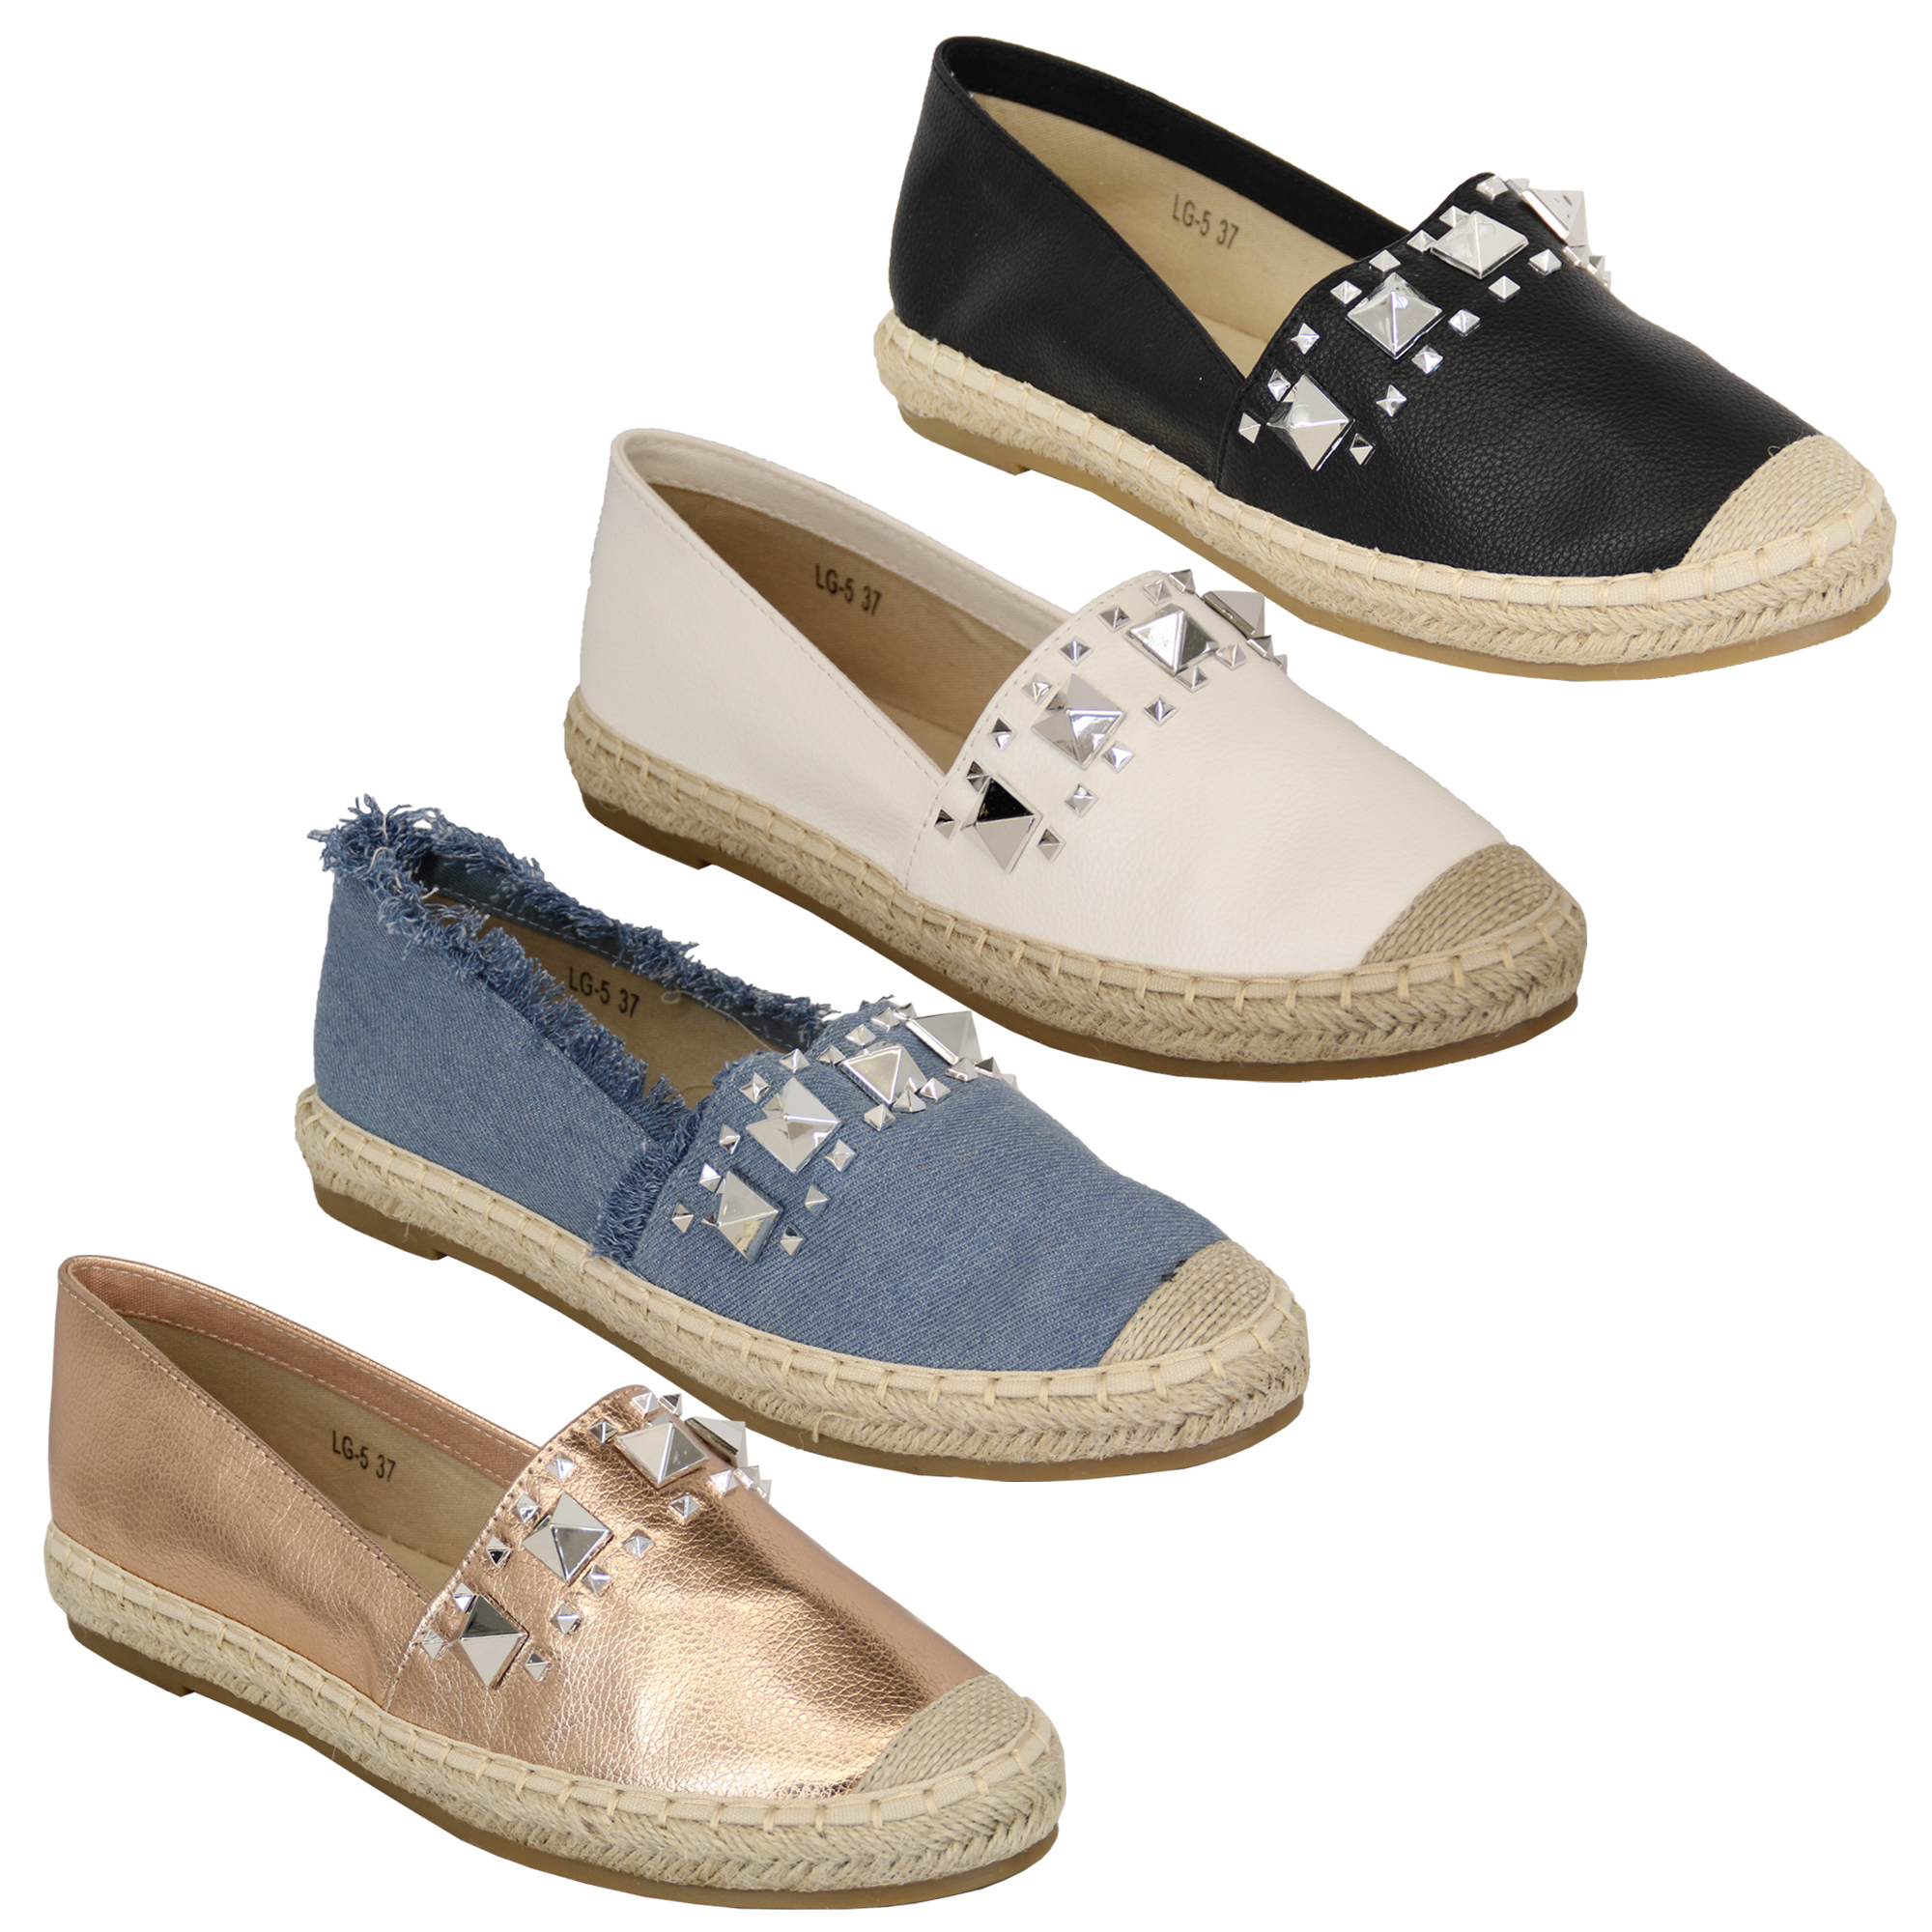 sneakers for cheap 0f815 428a0 Dettagli su Donna da Indossare da Donna Corda Espadrillas Sandali Borchie  Scarpe Estive